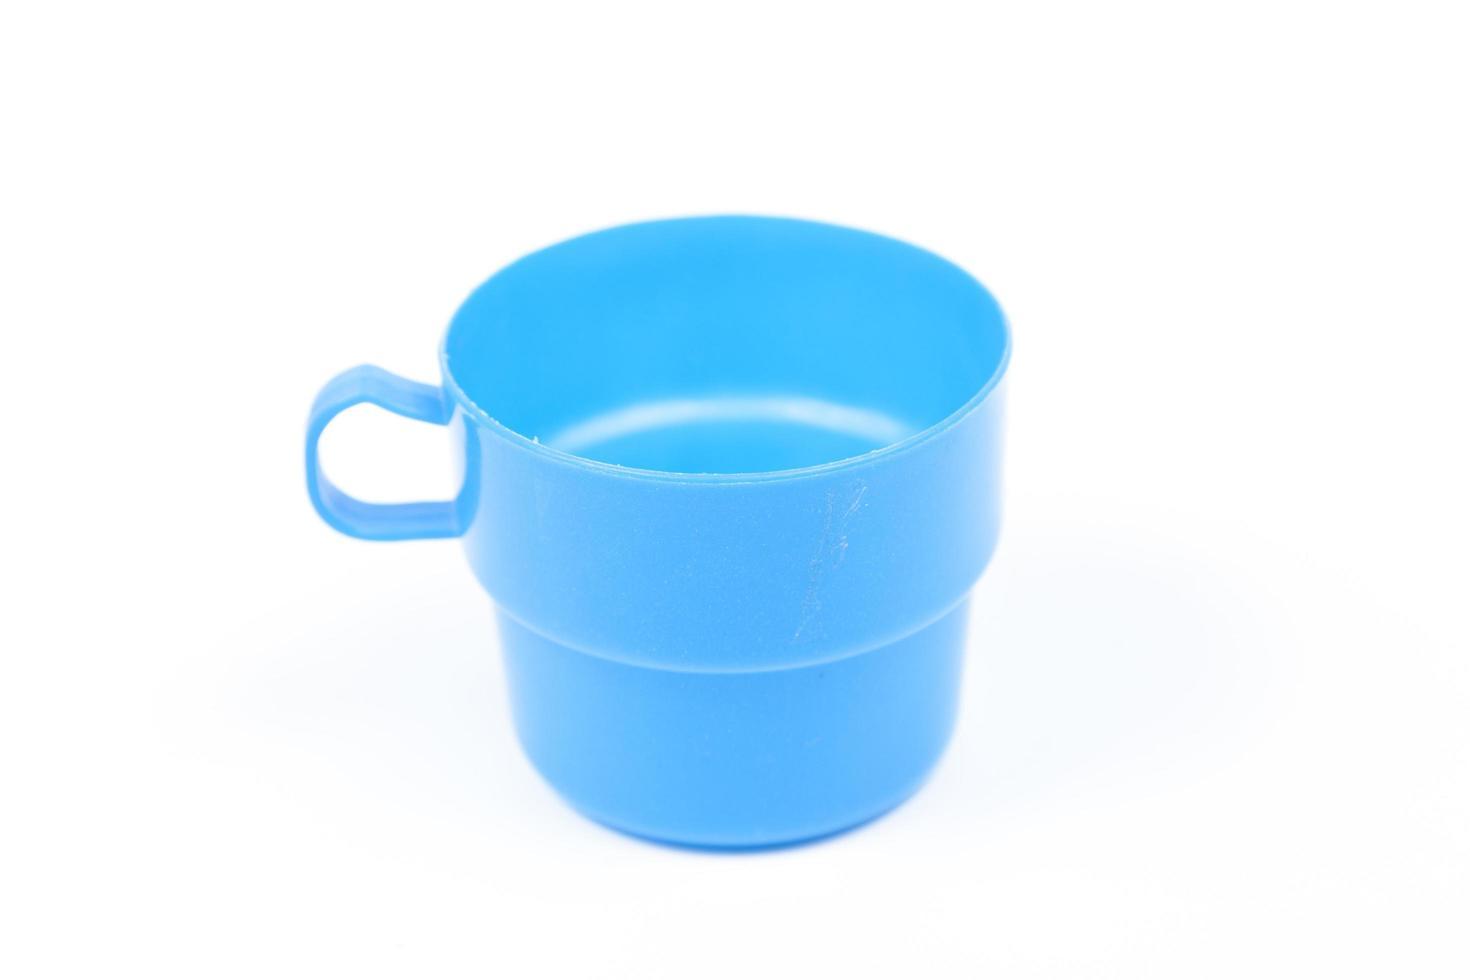 vaso de plastico azul foto